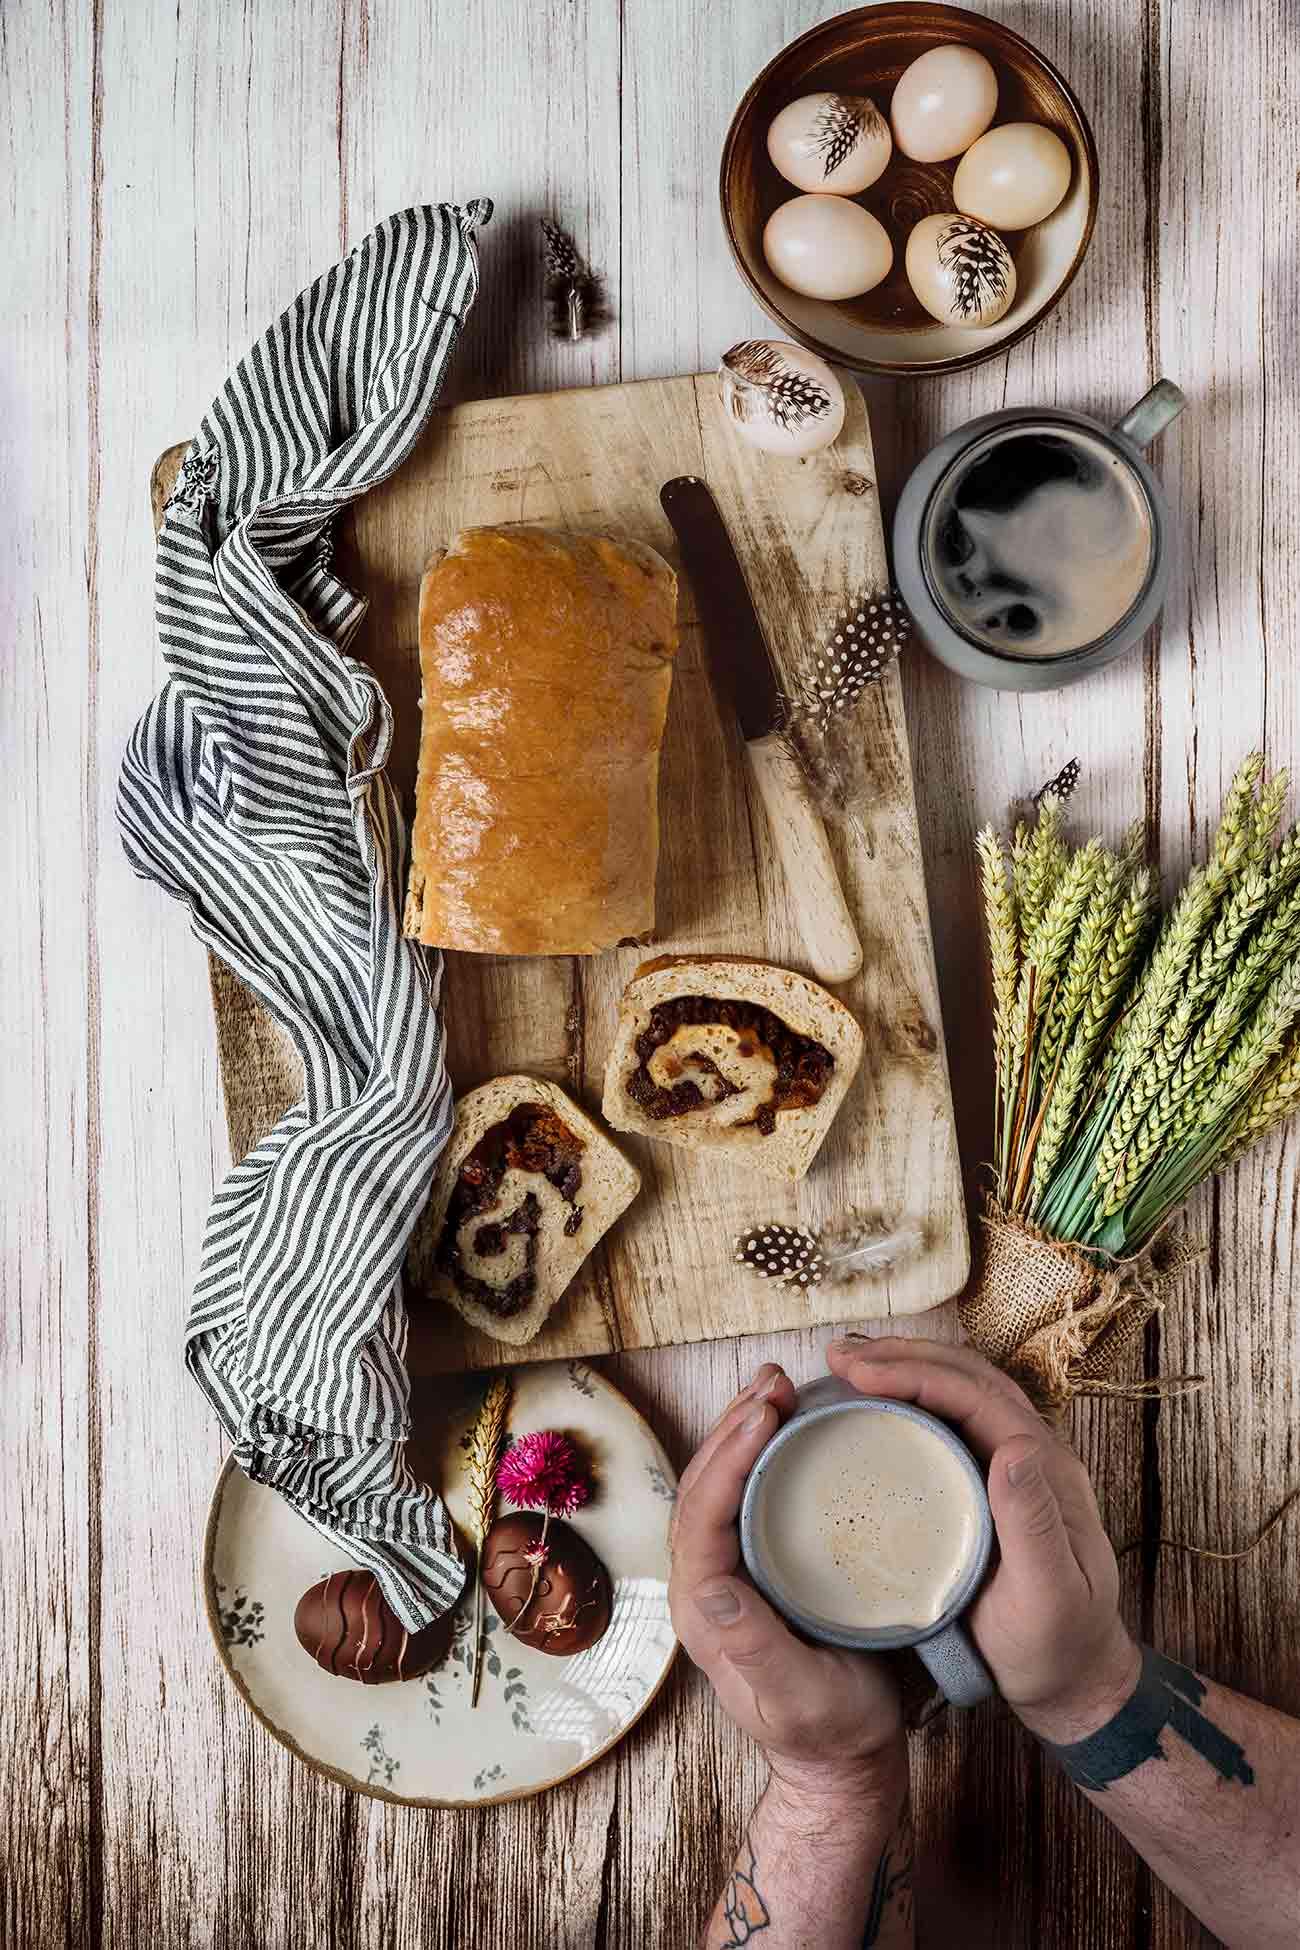 Zum Wochenende darf das Frühstück ruhig etwas ausgedehnter sein, oder? Während ich mich gleich aufmache um für das Wochenende Kuchen und andere Leckereien (die ihr hoffentlich dann nächste Woche hier sehen werdet) zu backen und zu kochen, lasse ich euch das Rezept für dieses unglaublich leckere Brot da. Schmeckt übrigens auch als Kuchenersatz nach dem Mittagessen perfekt. Hab ich gehört…habt einen tollen Samstag.